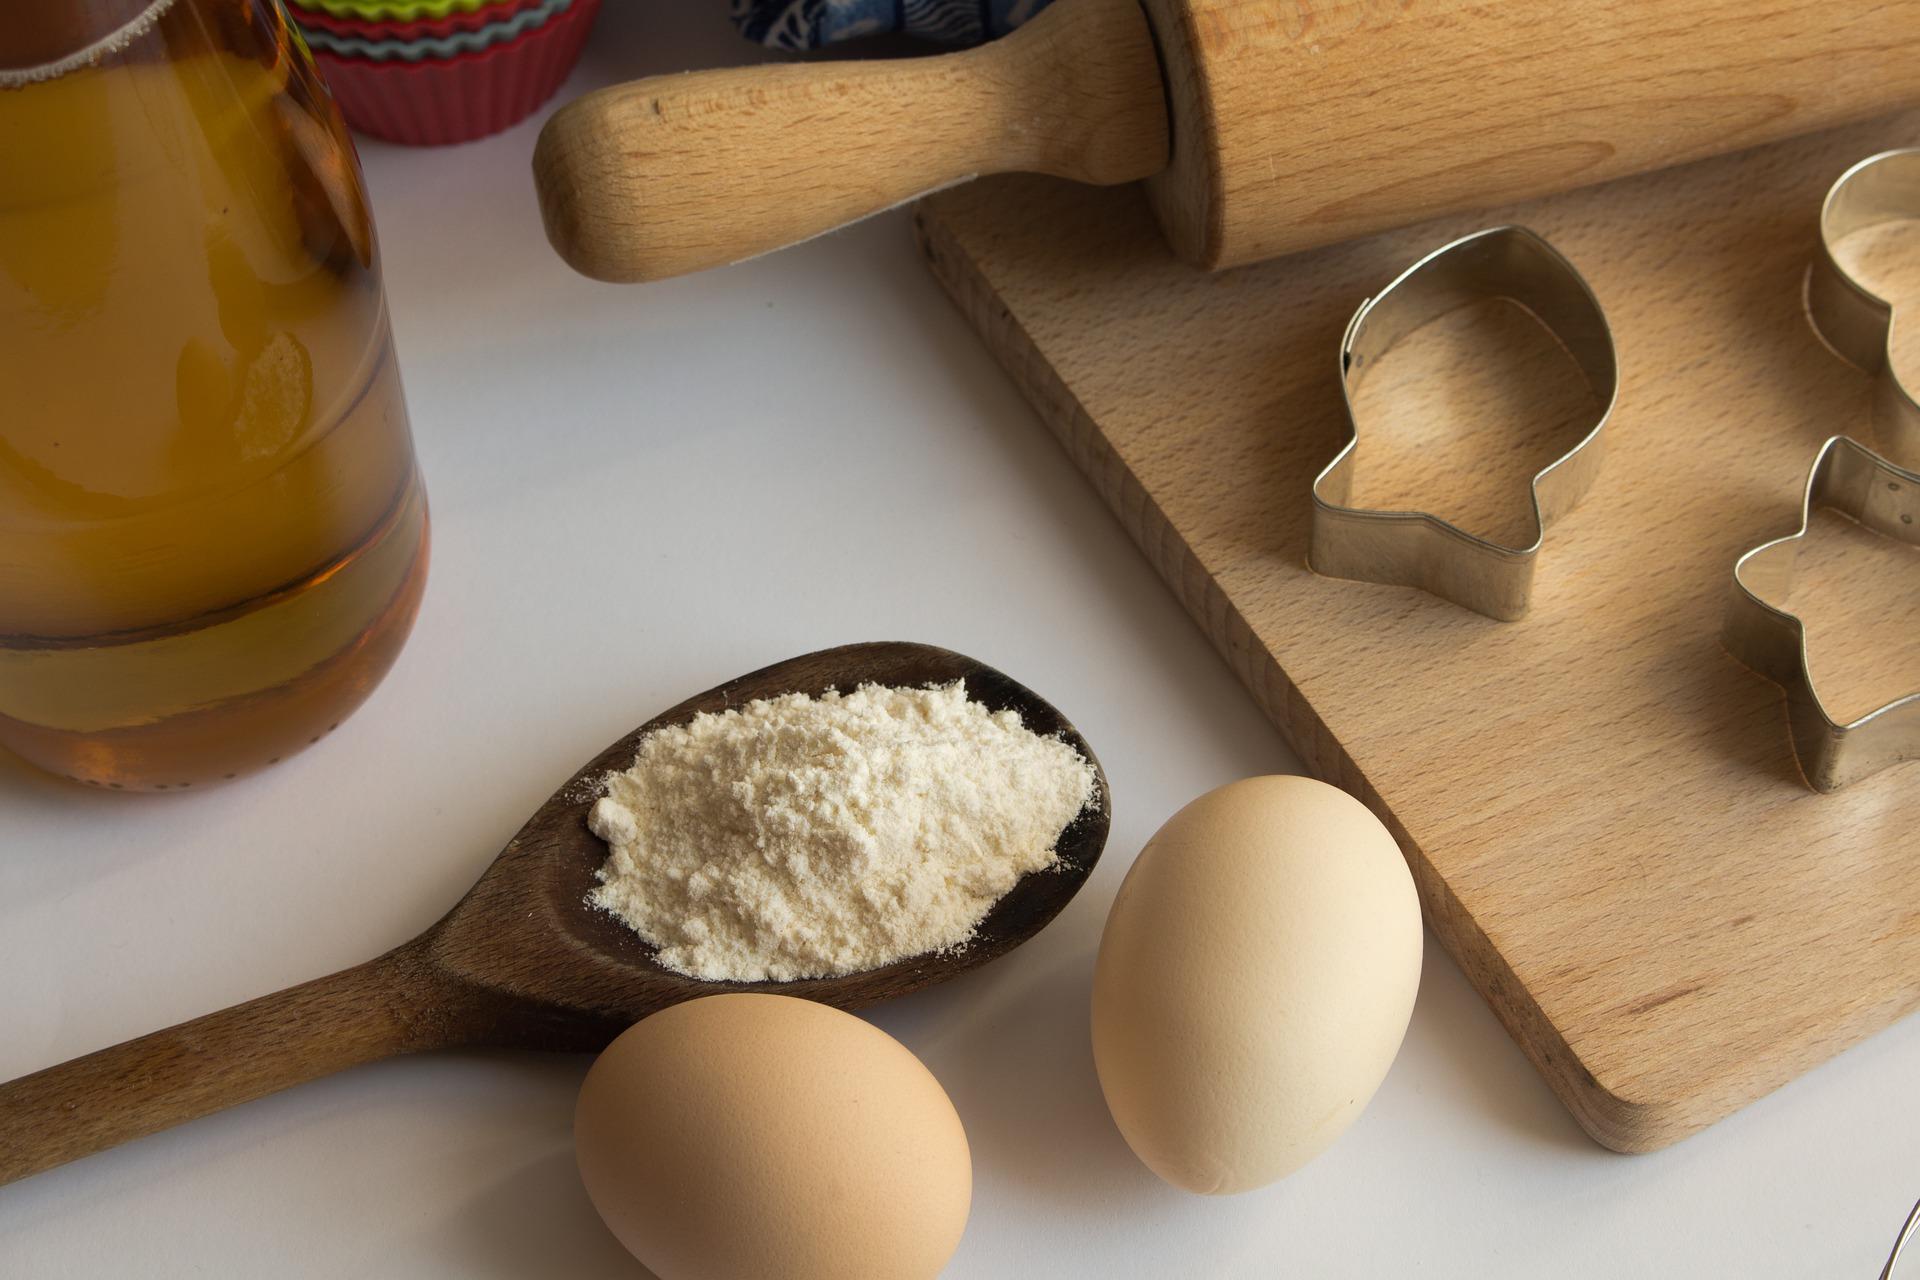 Drewniane akcesoria i naczynia do wyroby ciasta - czego potrzebujesz? 3